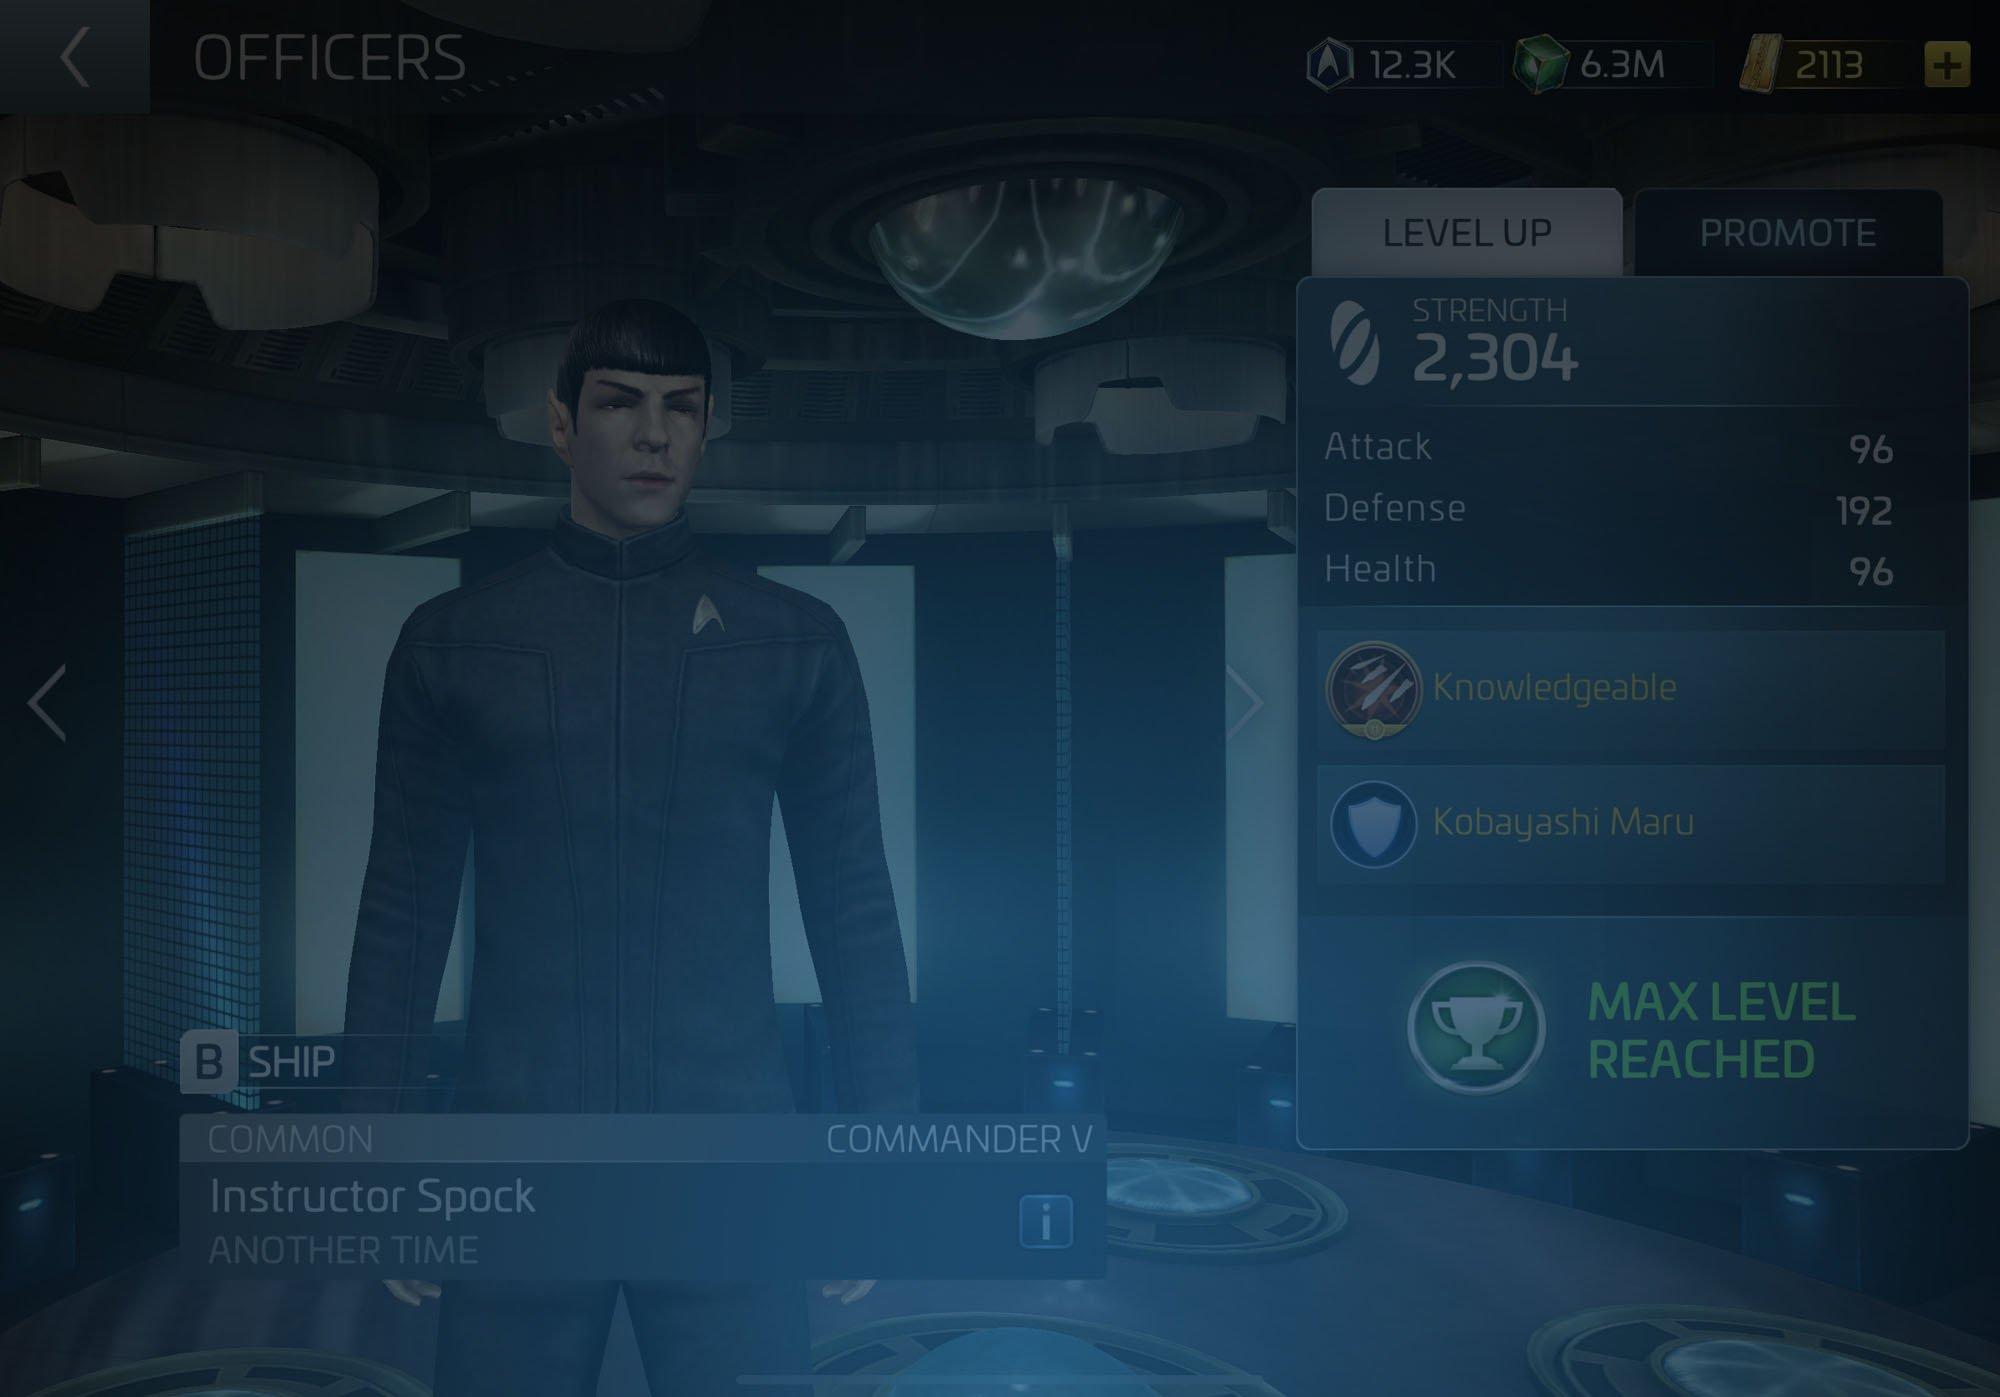 Instructor Spock